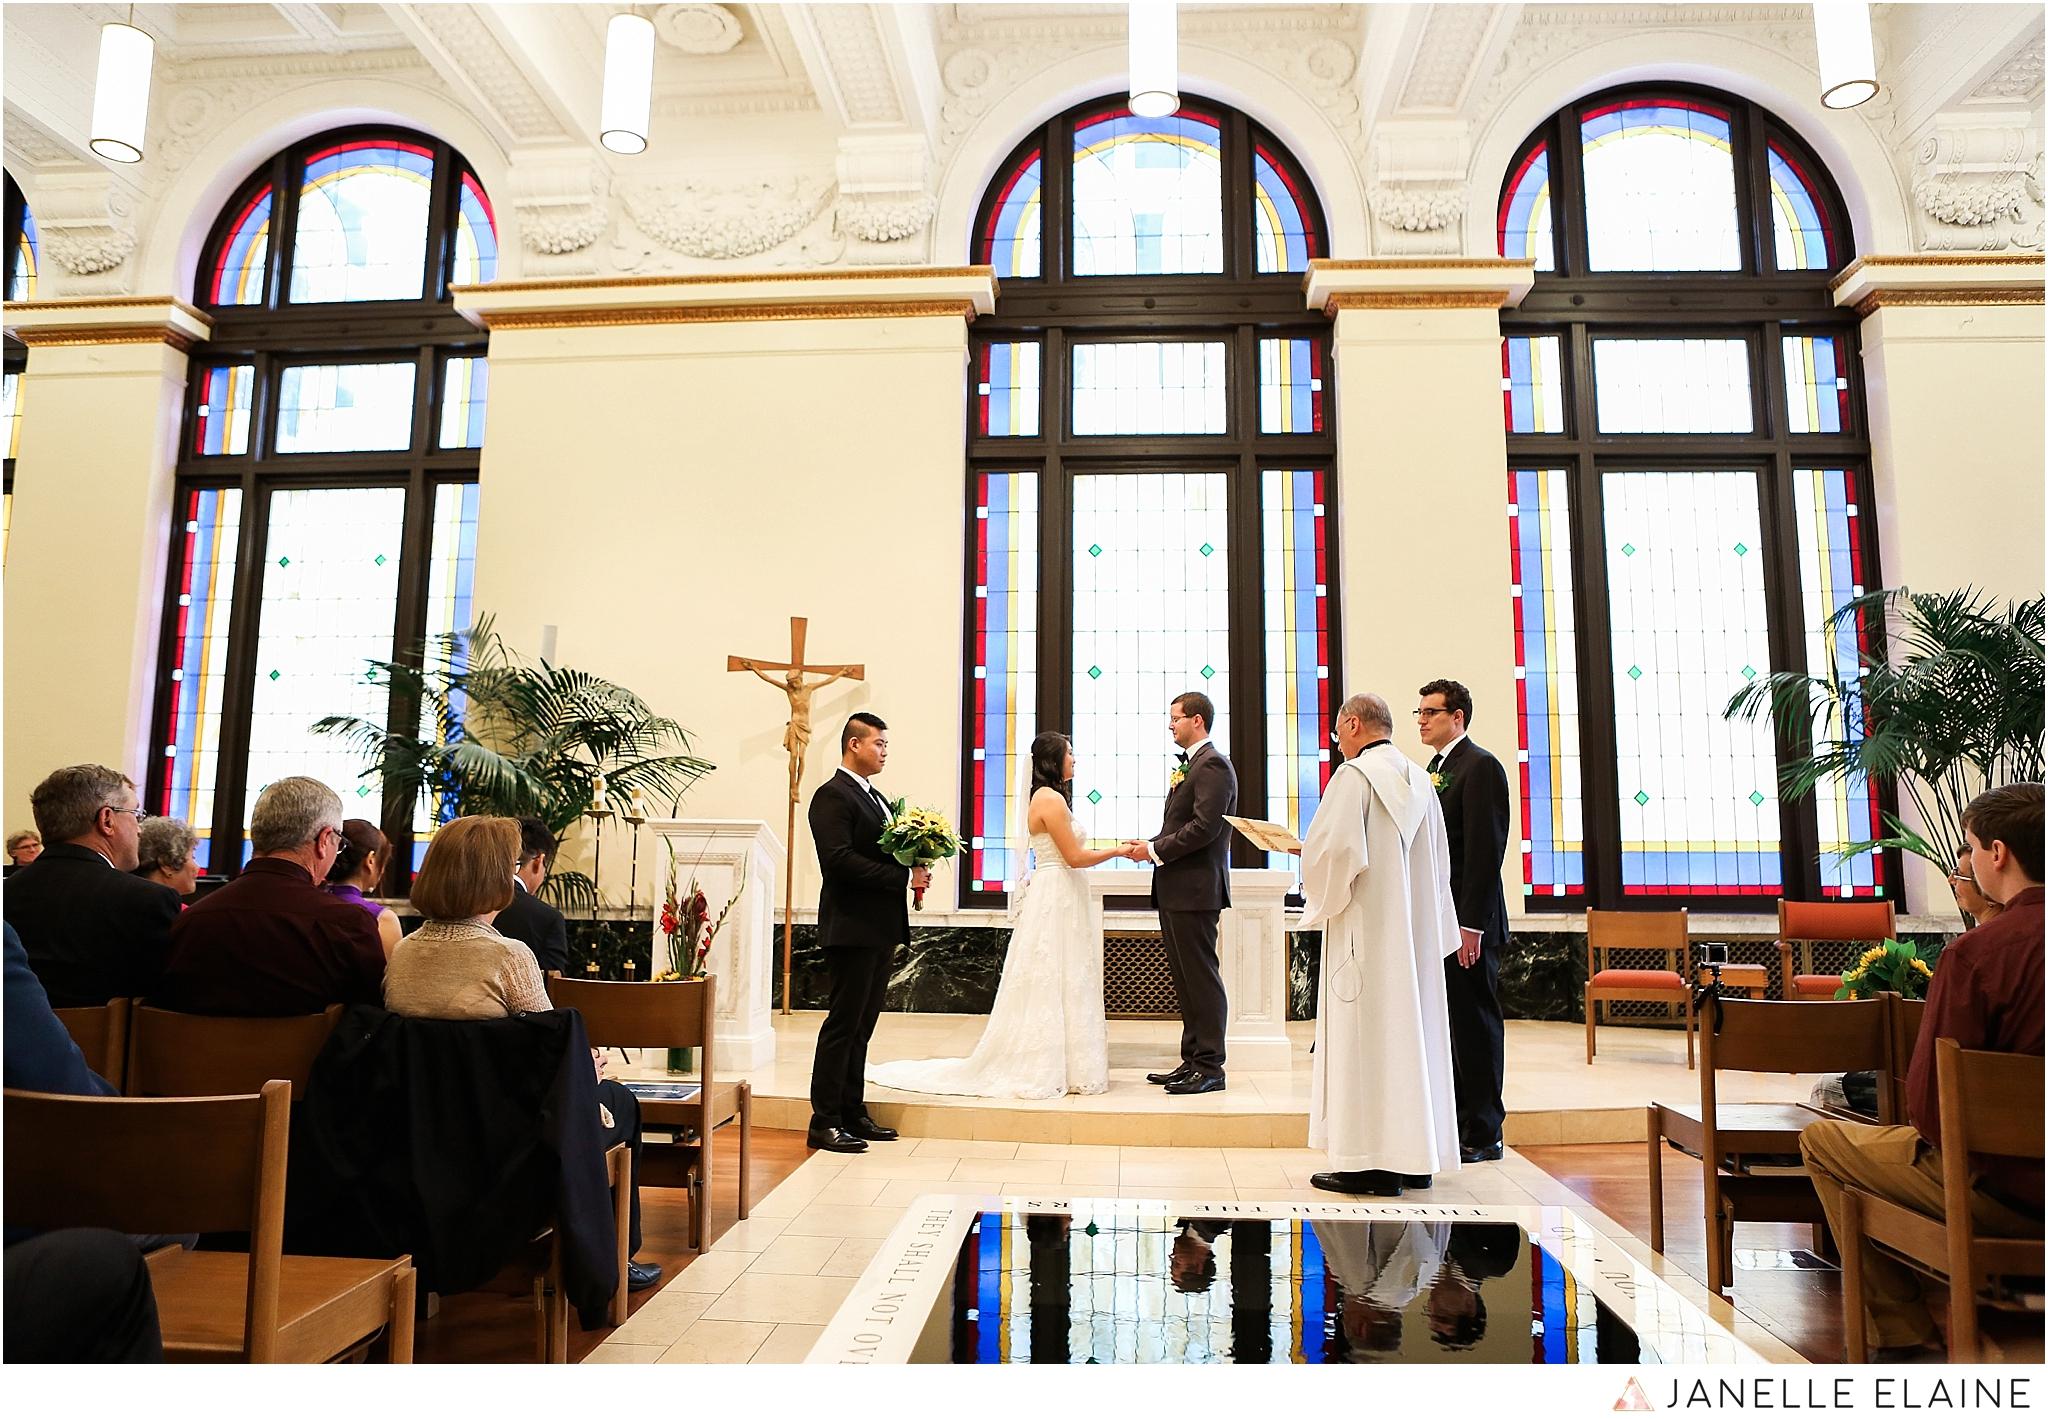 janelle elaine photography-professional wedding photographer seattle--47.jpg